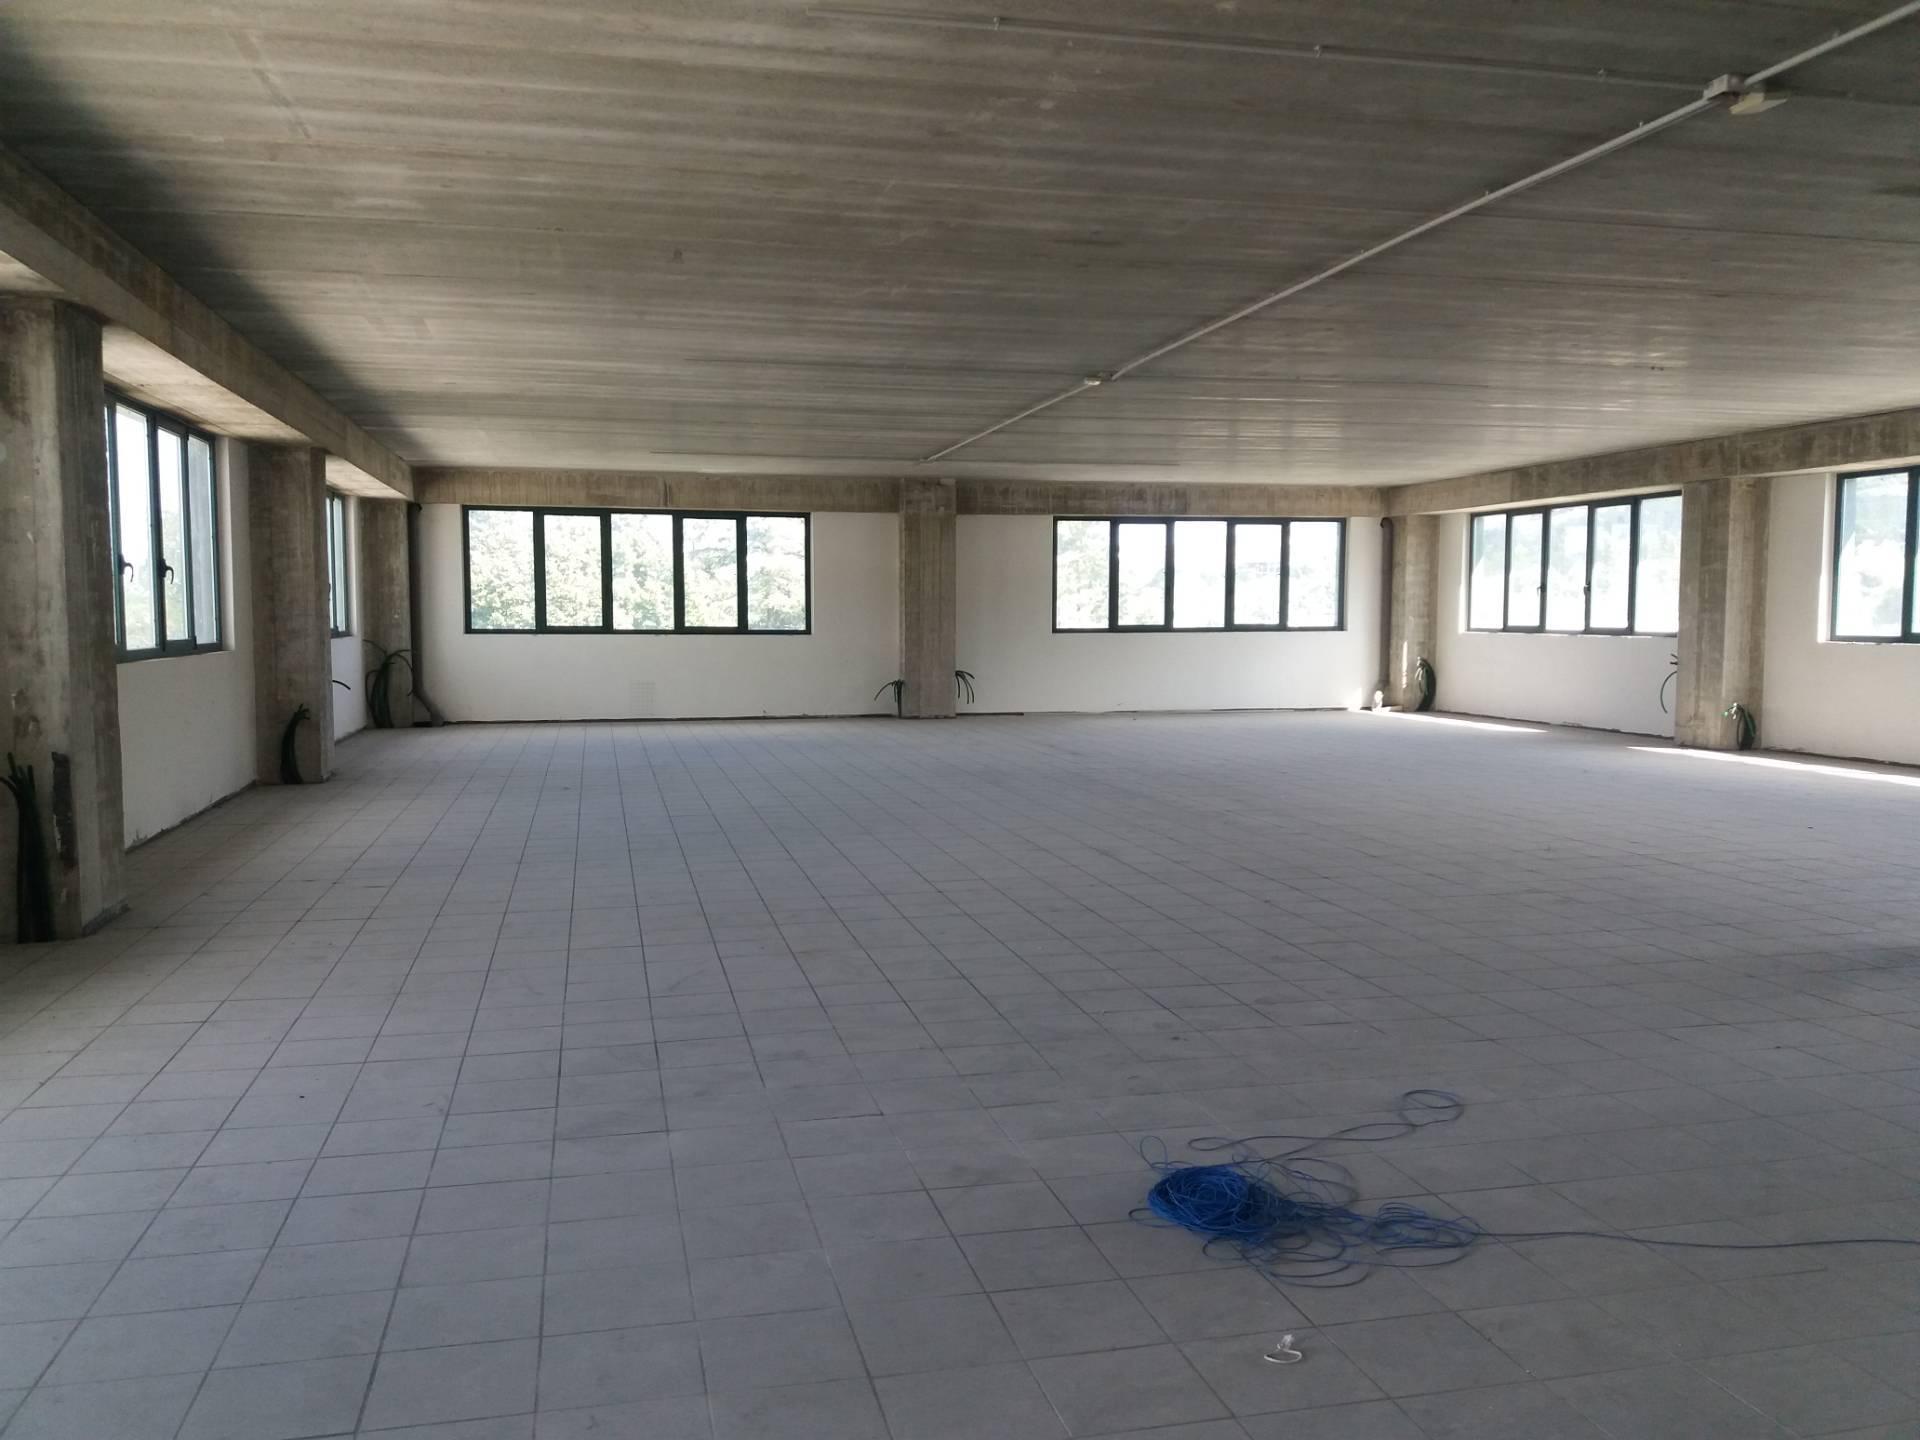 Ufficio / Studio in affitto a Ascoli Piceno, 9999 locali, zona Località: zonaindustriale, prezzo € 1.200 | CambioCasa.it